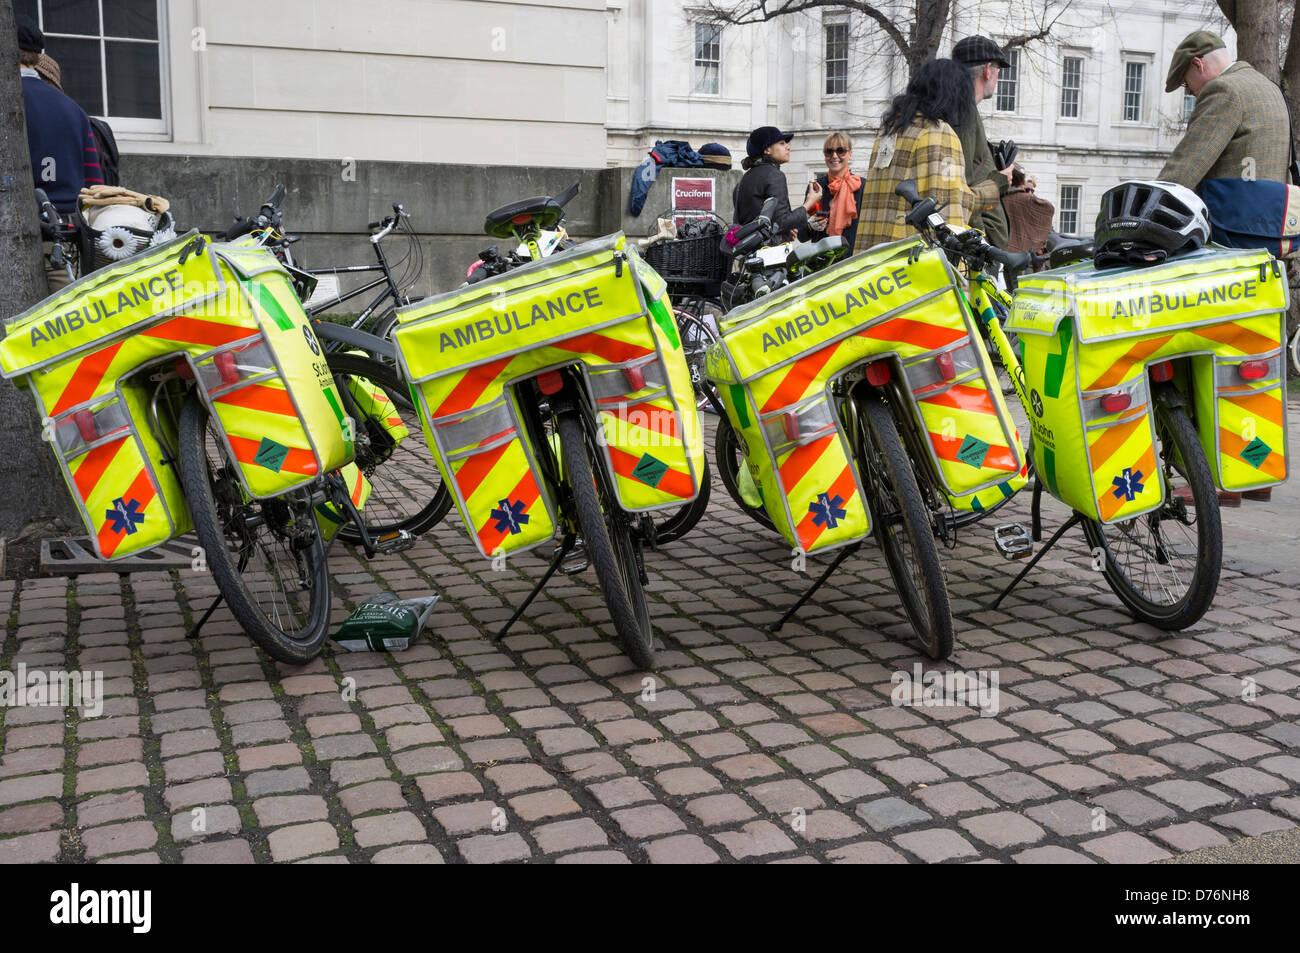 Una fila de ambulancia (paramédico) bicicletas. Foto por Julie Edwards Foto de stock